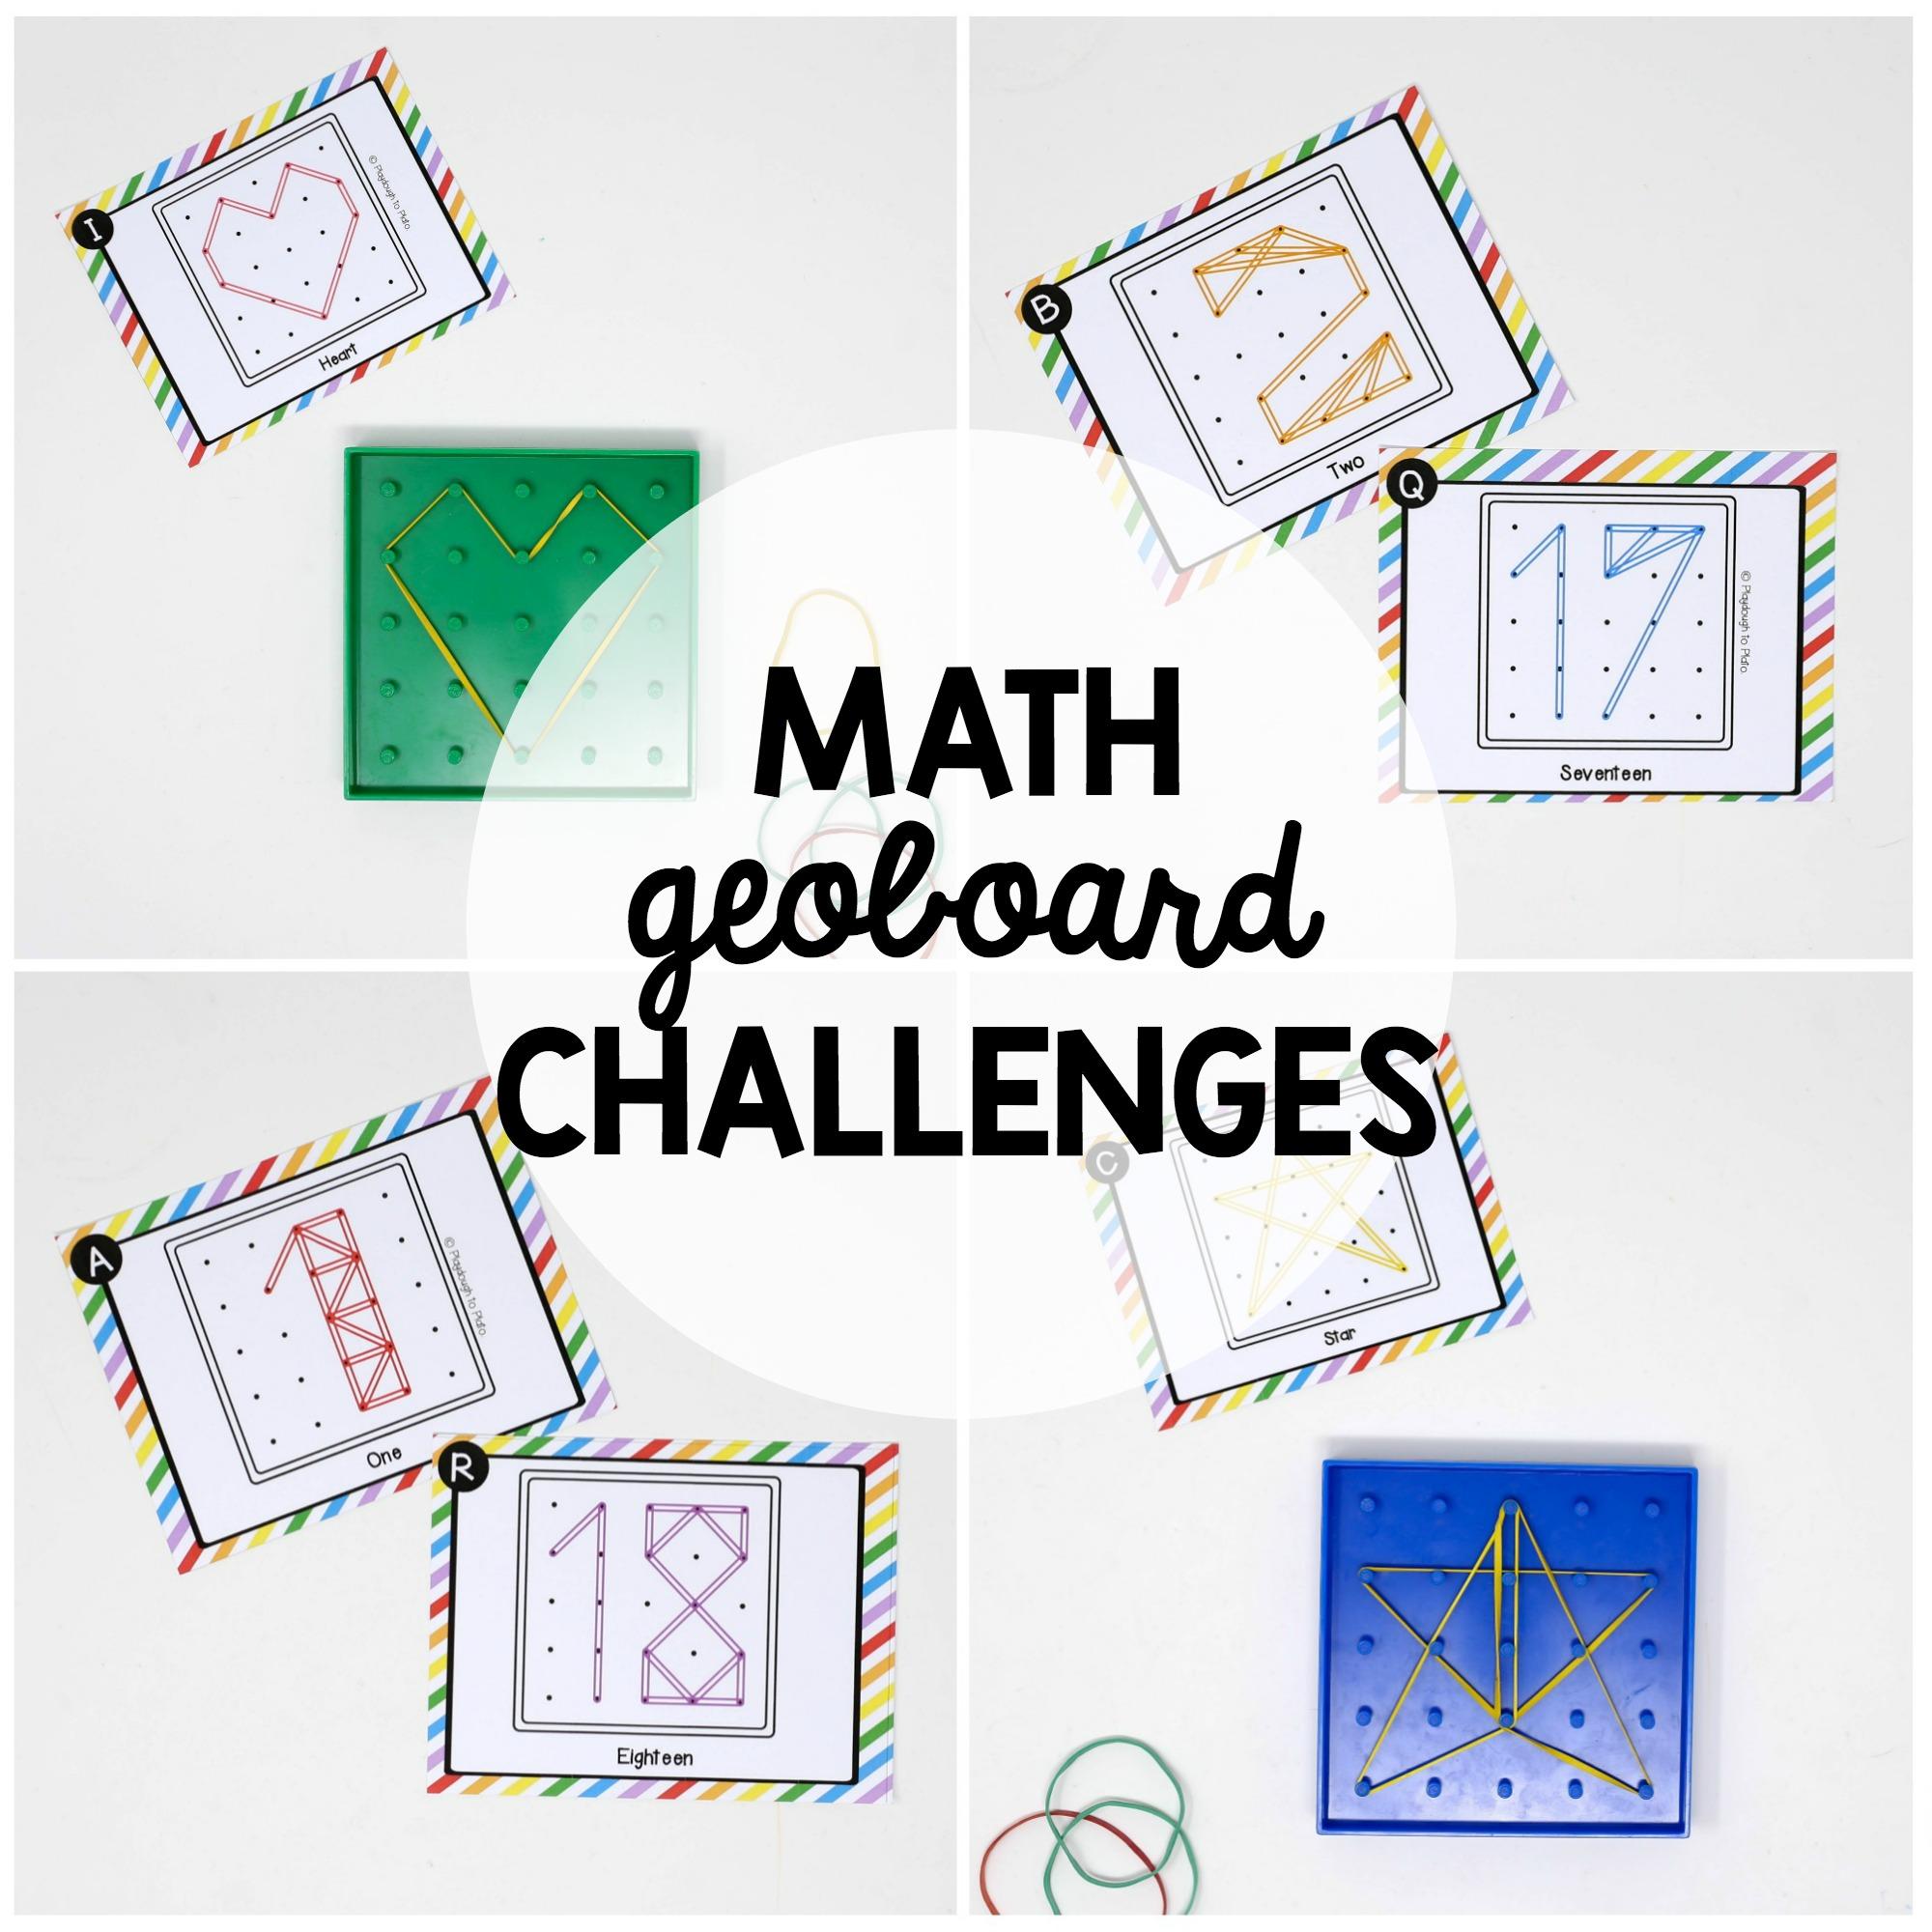 Math Geoboard Challenges